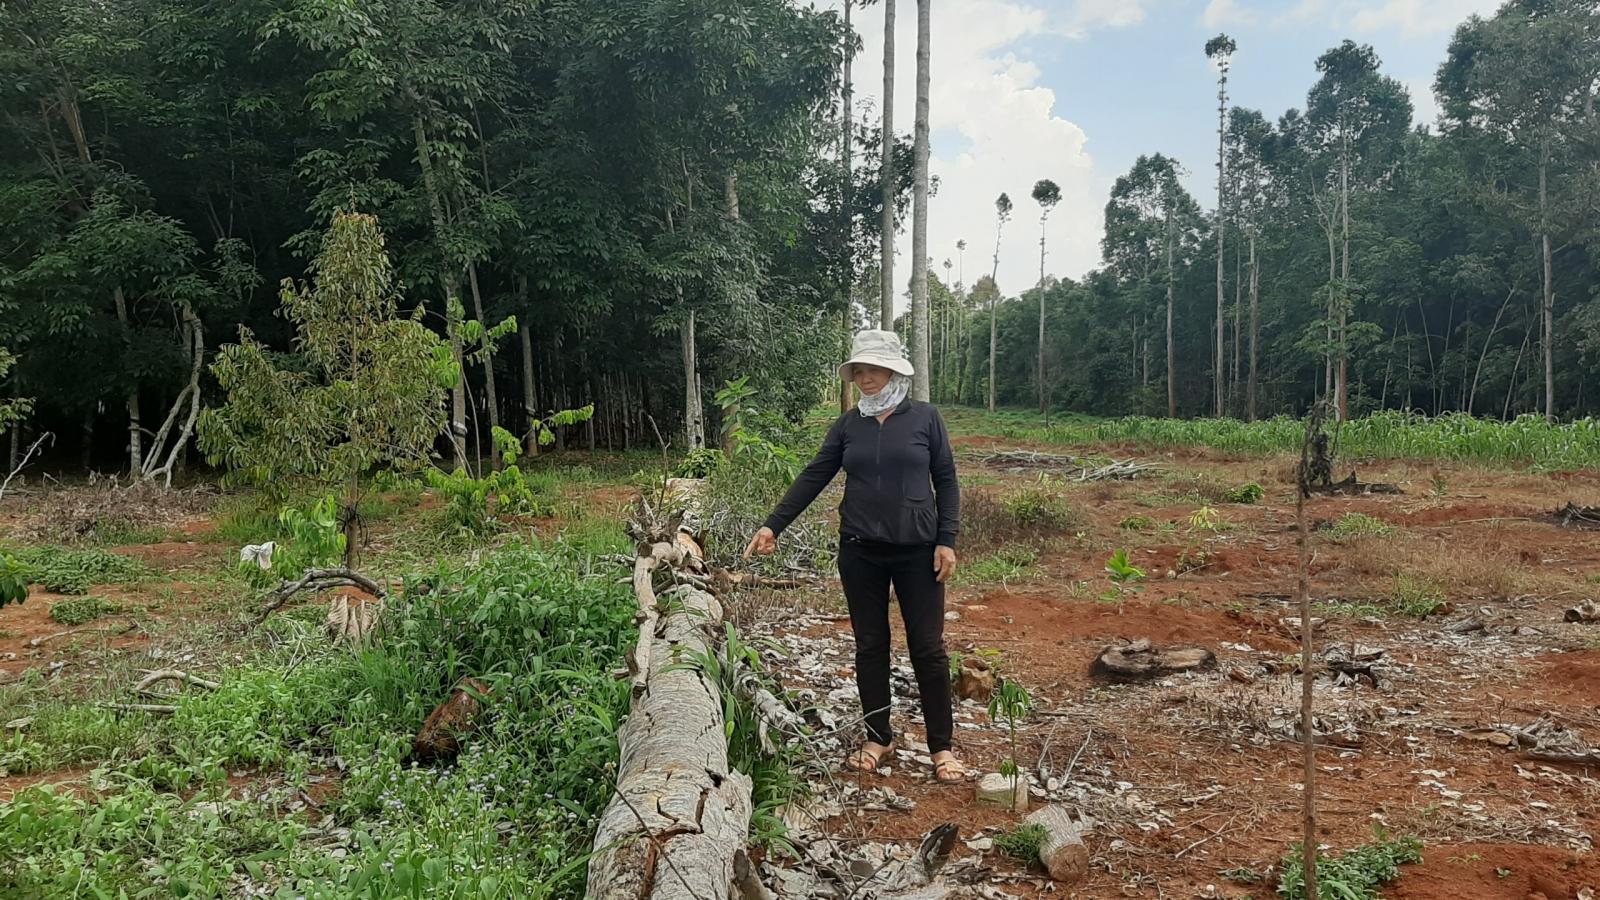 """Trồng rừng hơn 30 năm không được khai thác vì """"quy định trên trời"""""""